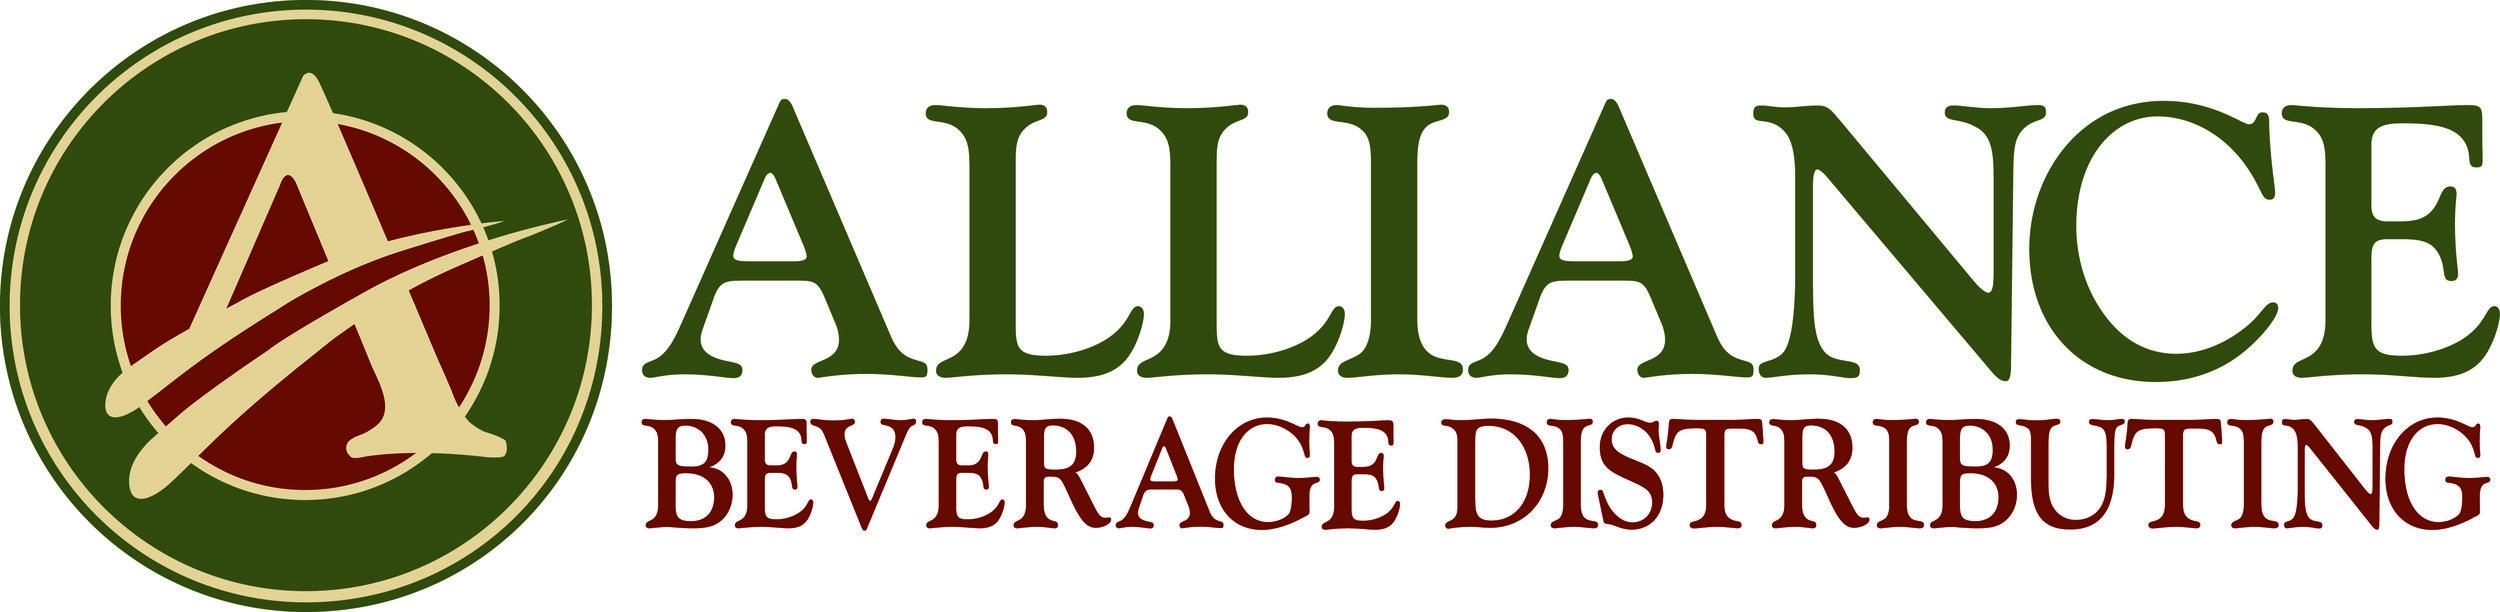 Alliance Beverage